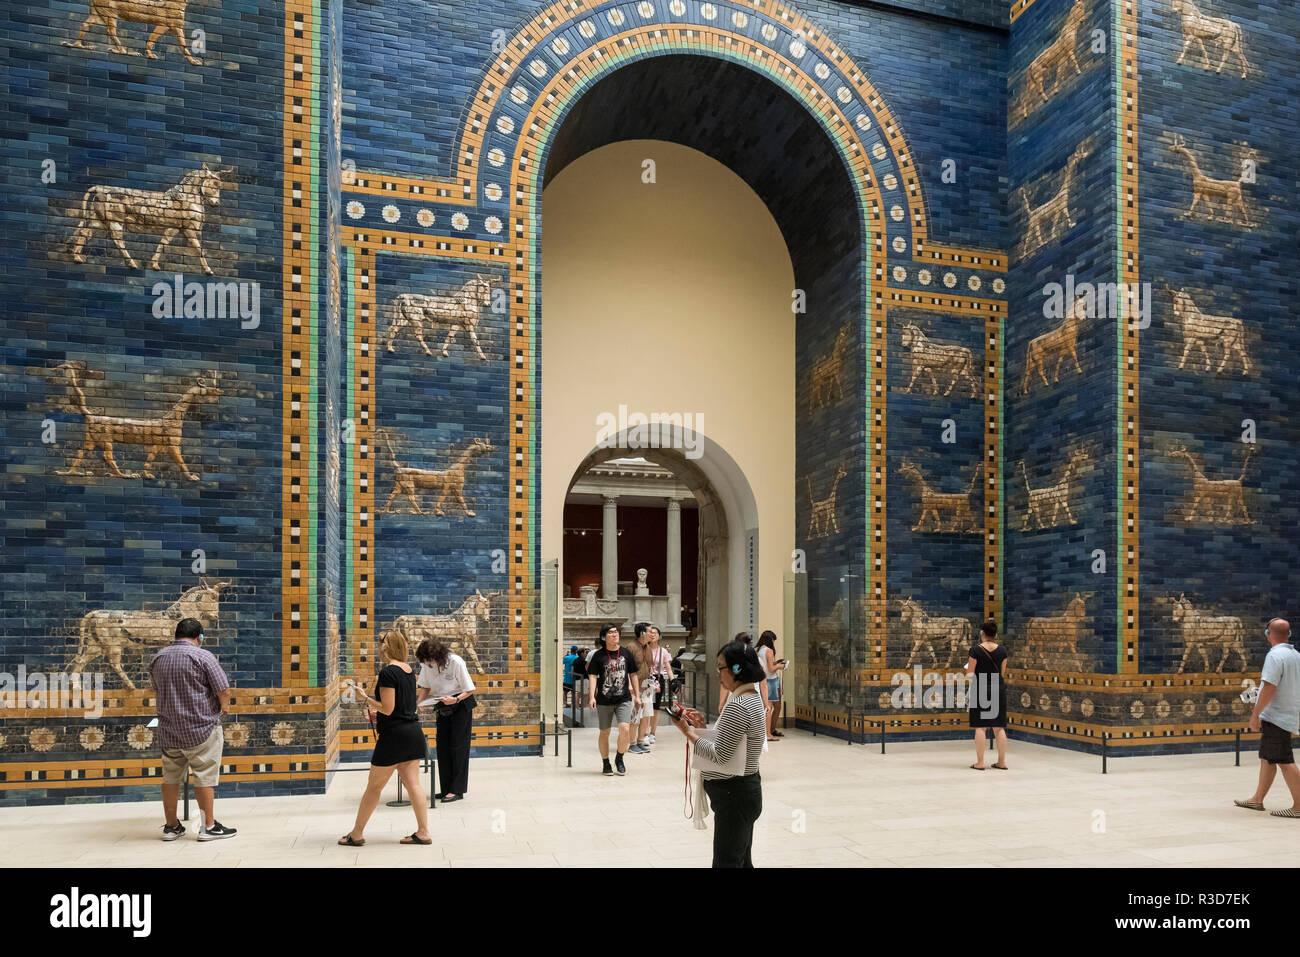 Berlin Deutschland Pergamon Museum Wiederaufbau Der Ischtar Tor Von Babylon Das Ischtar Tor War Das Achte Tor Zum Inneren Stadt Babylon Es Stockfotografie Alamy